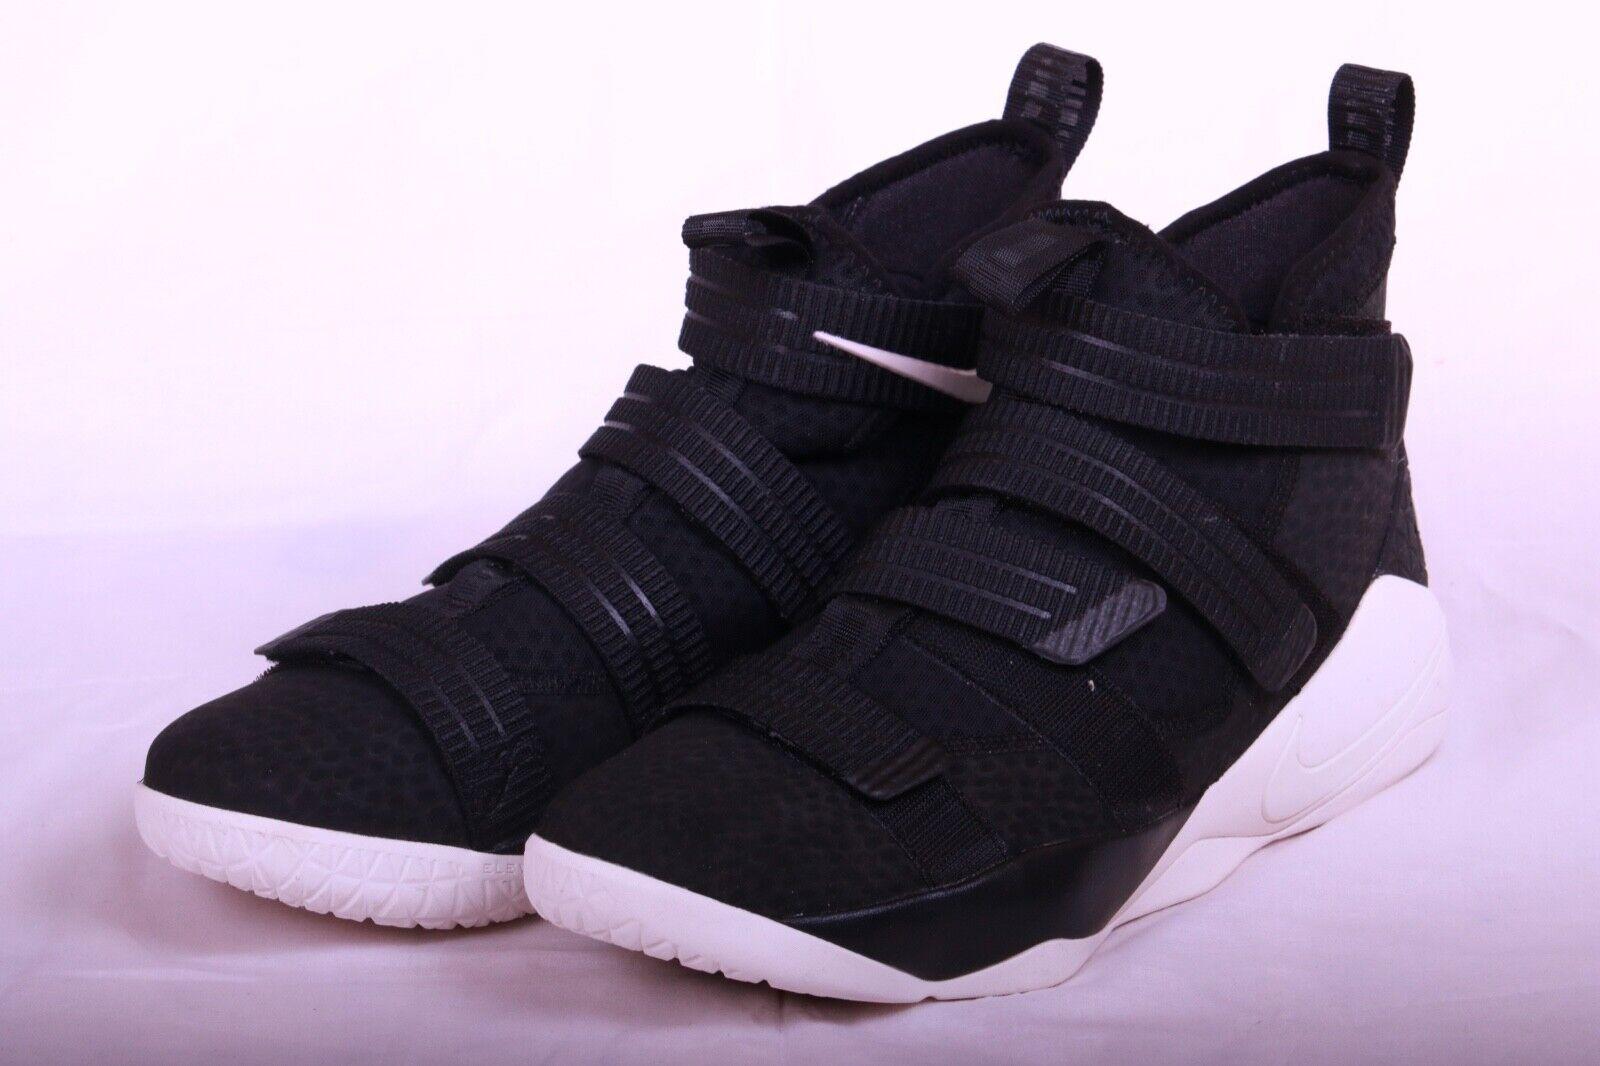 Nike Men Lebron Soldier XI  SFG nero Sail Basketball scarpe 897646 004 Sz 10.5 -12  tutto in alta qualità e prezzo basso